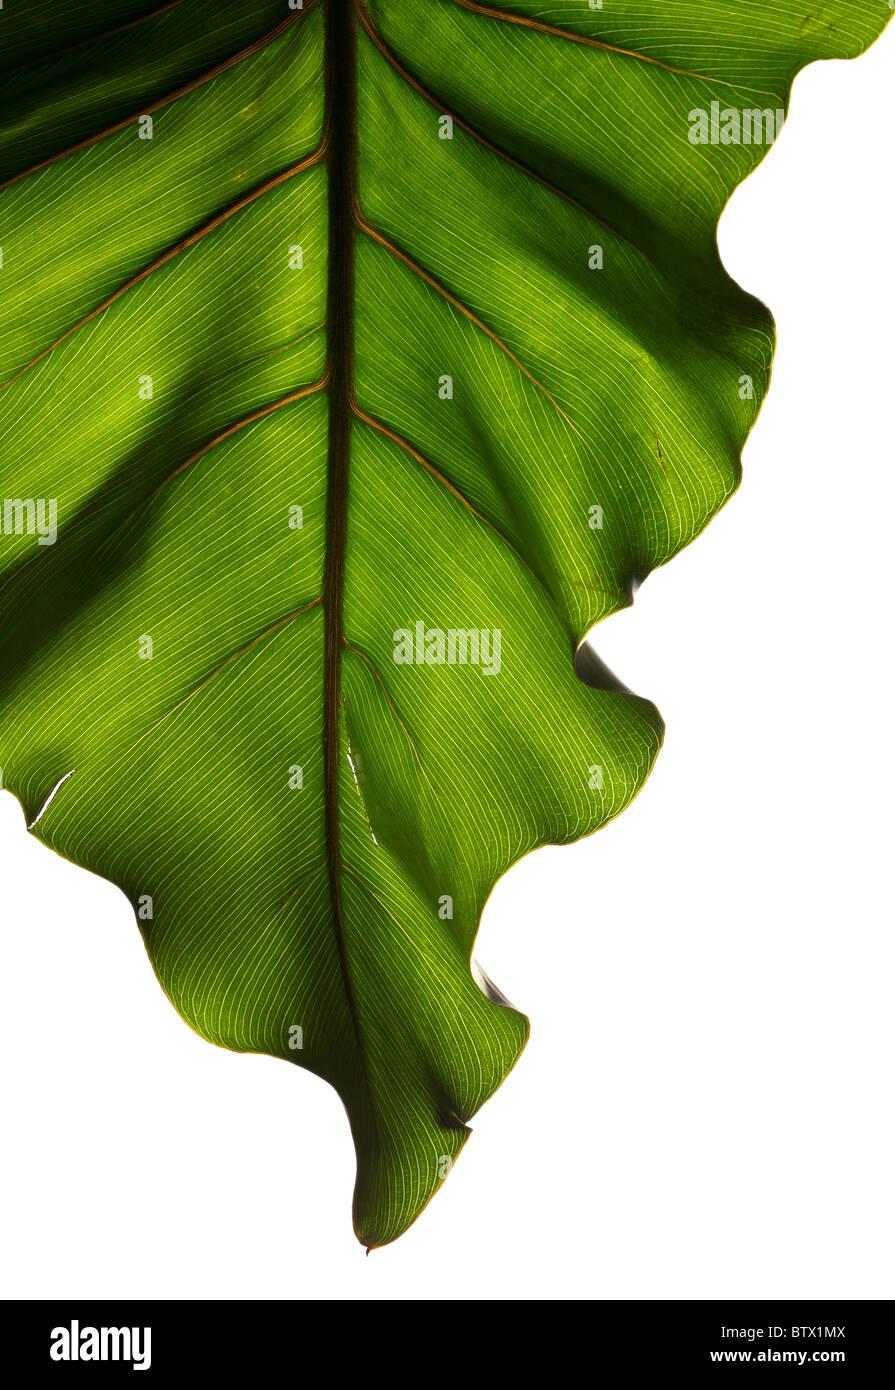 Grüne Pflanze Blatt mit starken Struktur auf einem weißen Hintergrund Stockbild